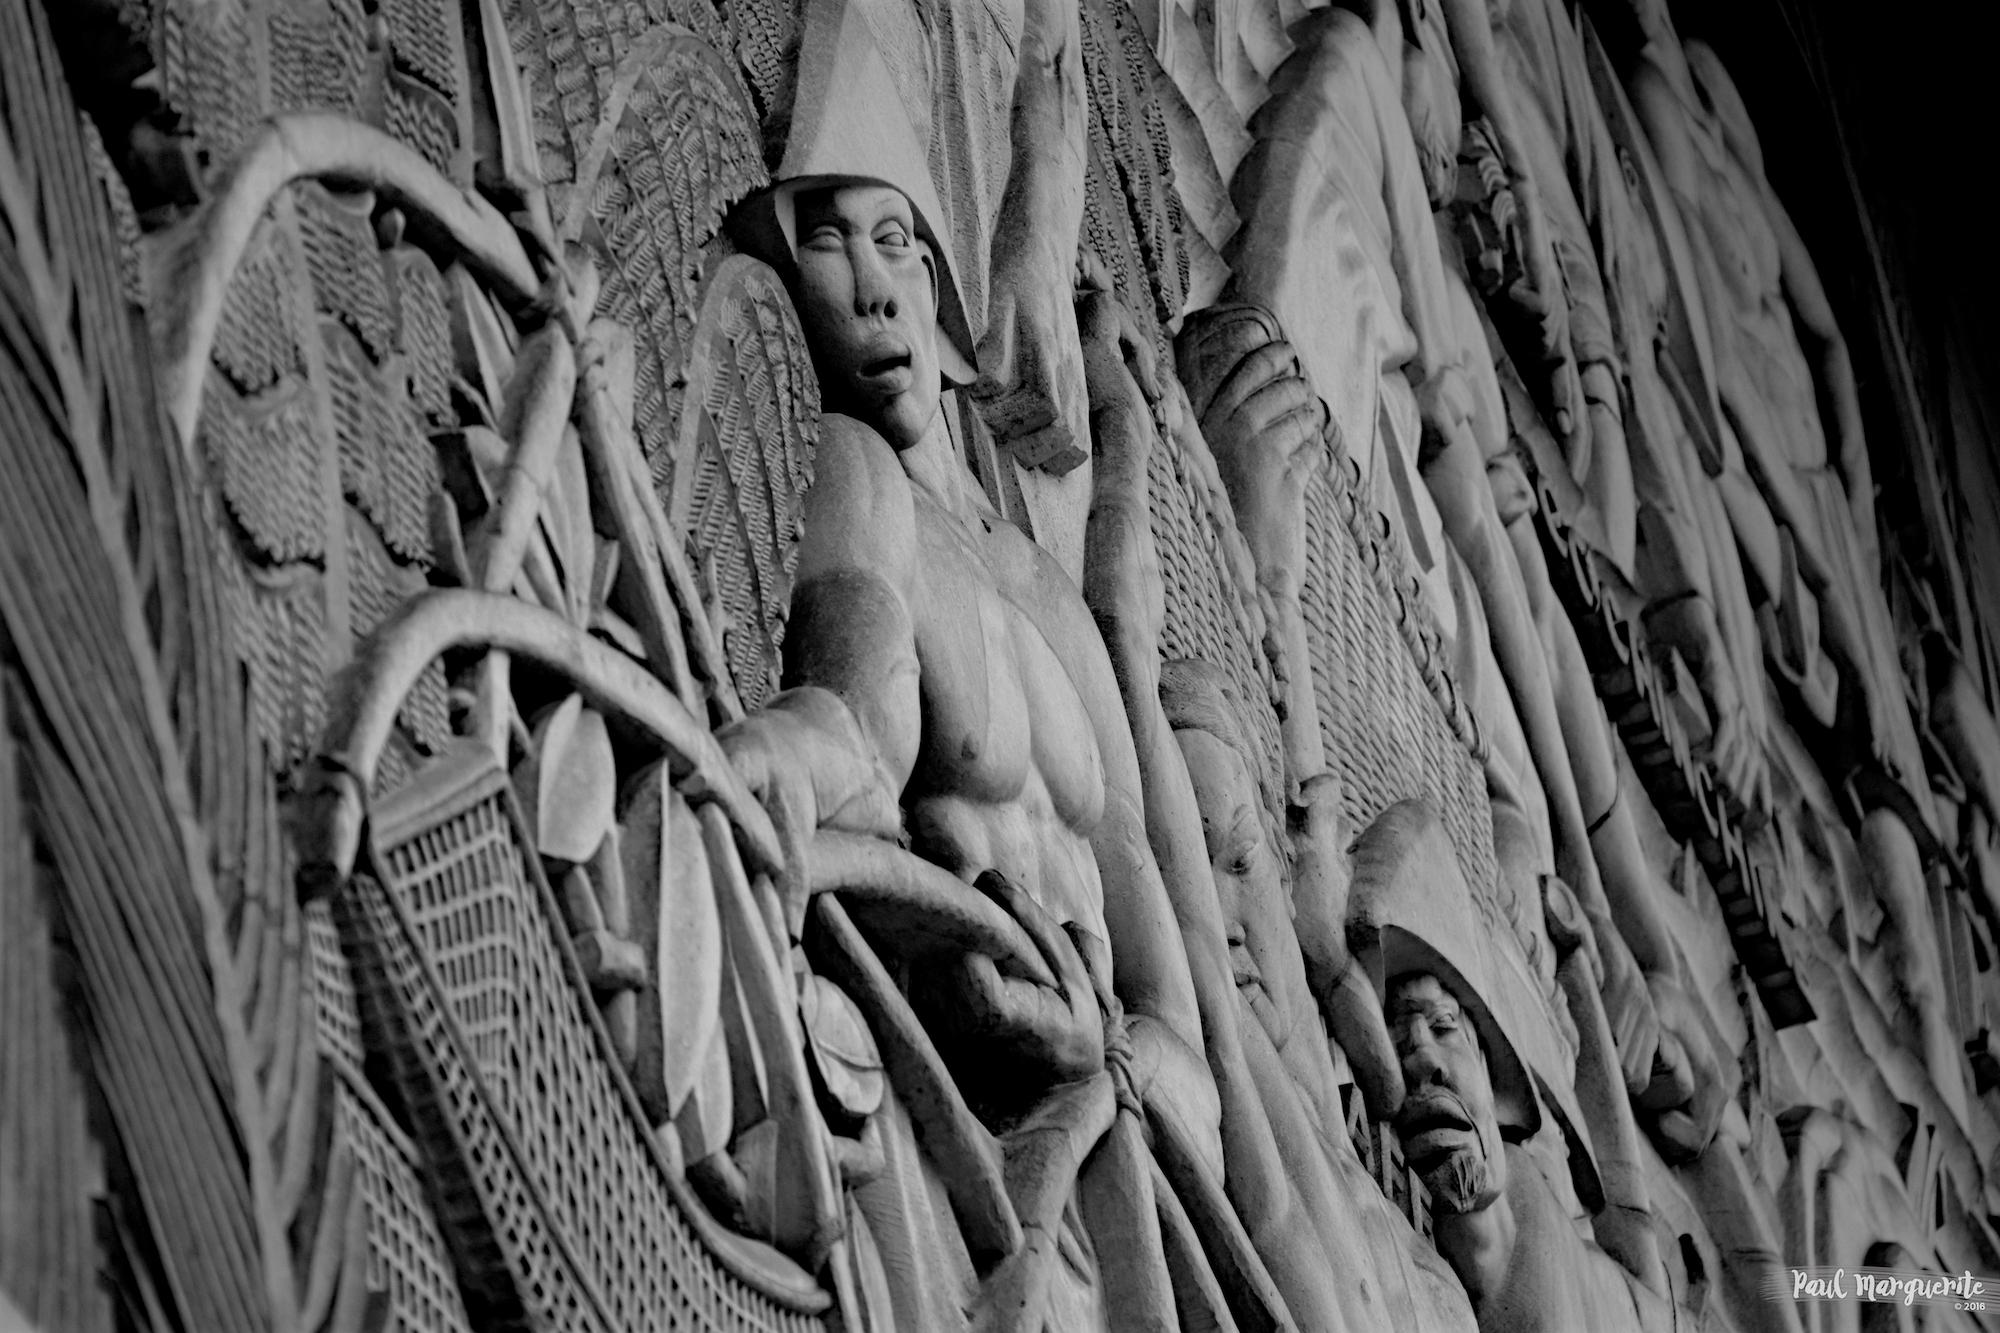 L'érotisme du musée de l'histoire de l'immigration